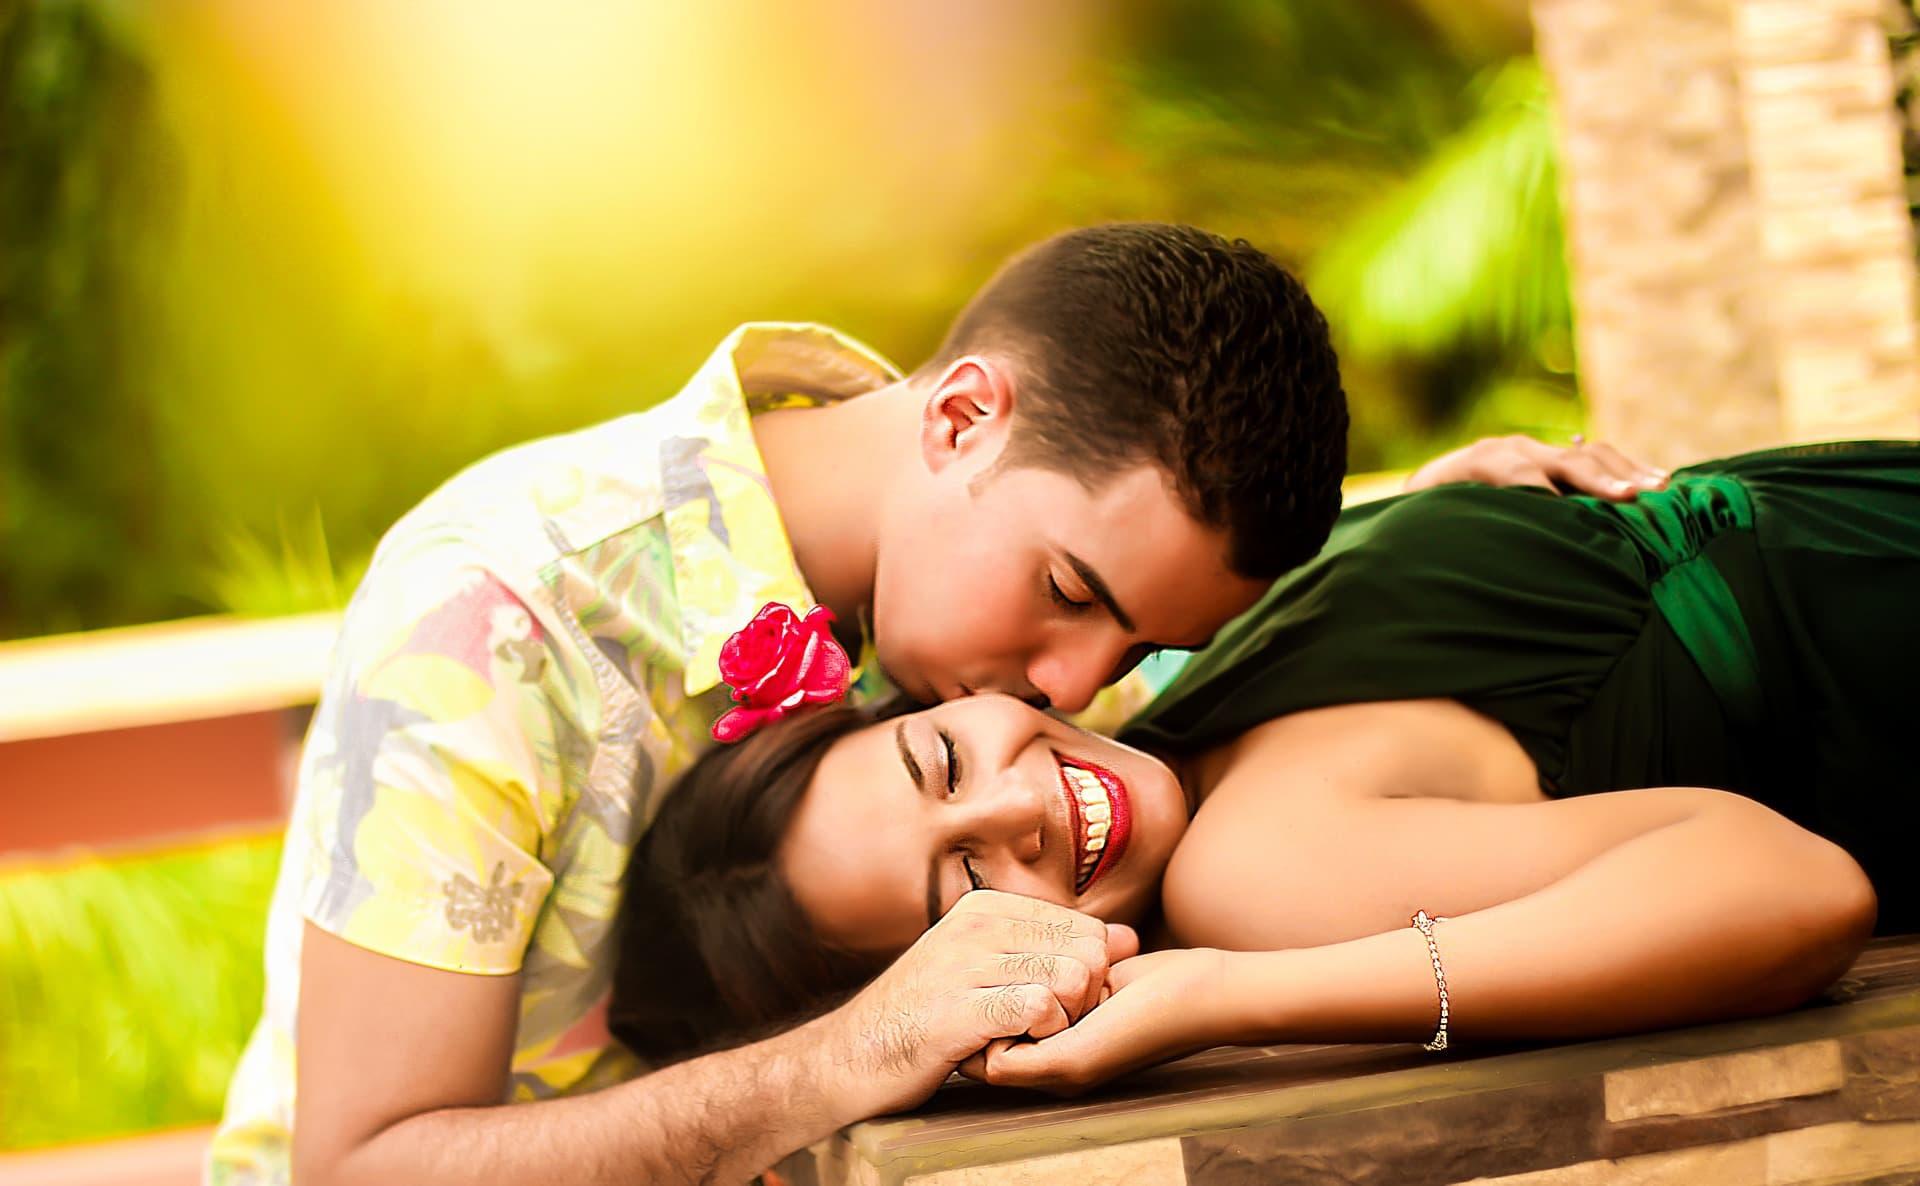 Неожиданные звонки среди ночи с предложением «расслабиться» могут означать сексуальную игру